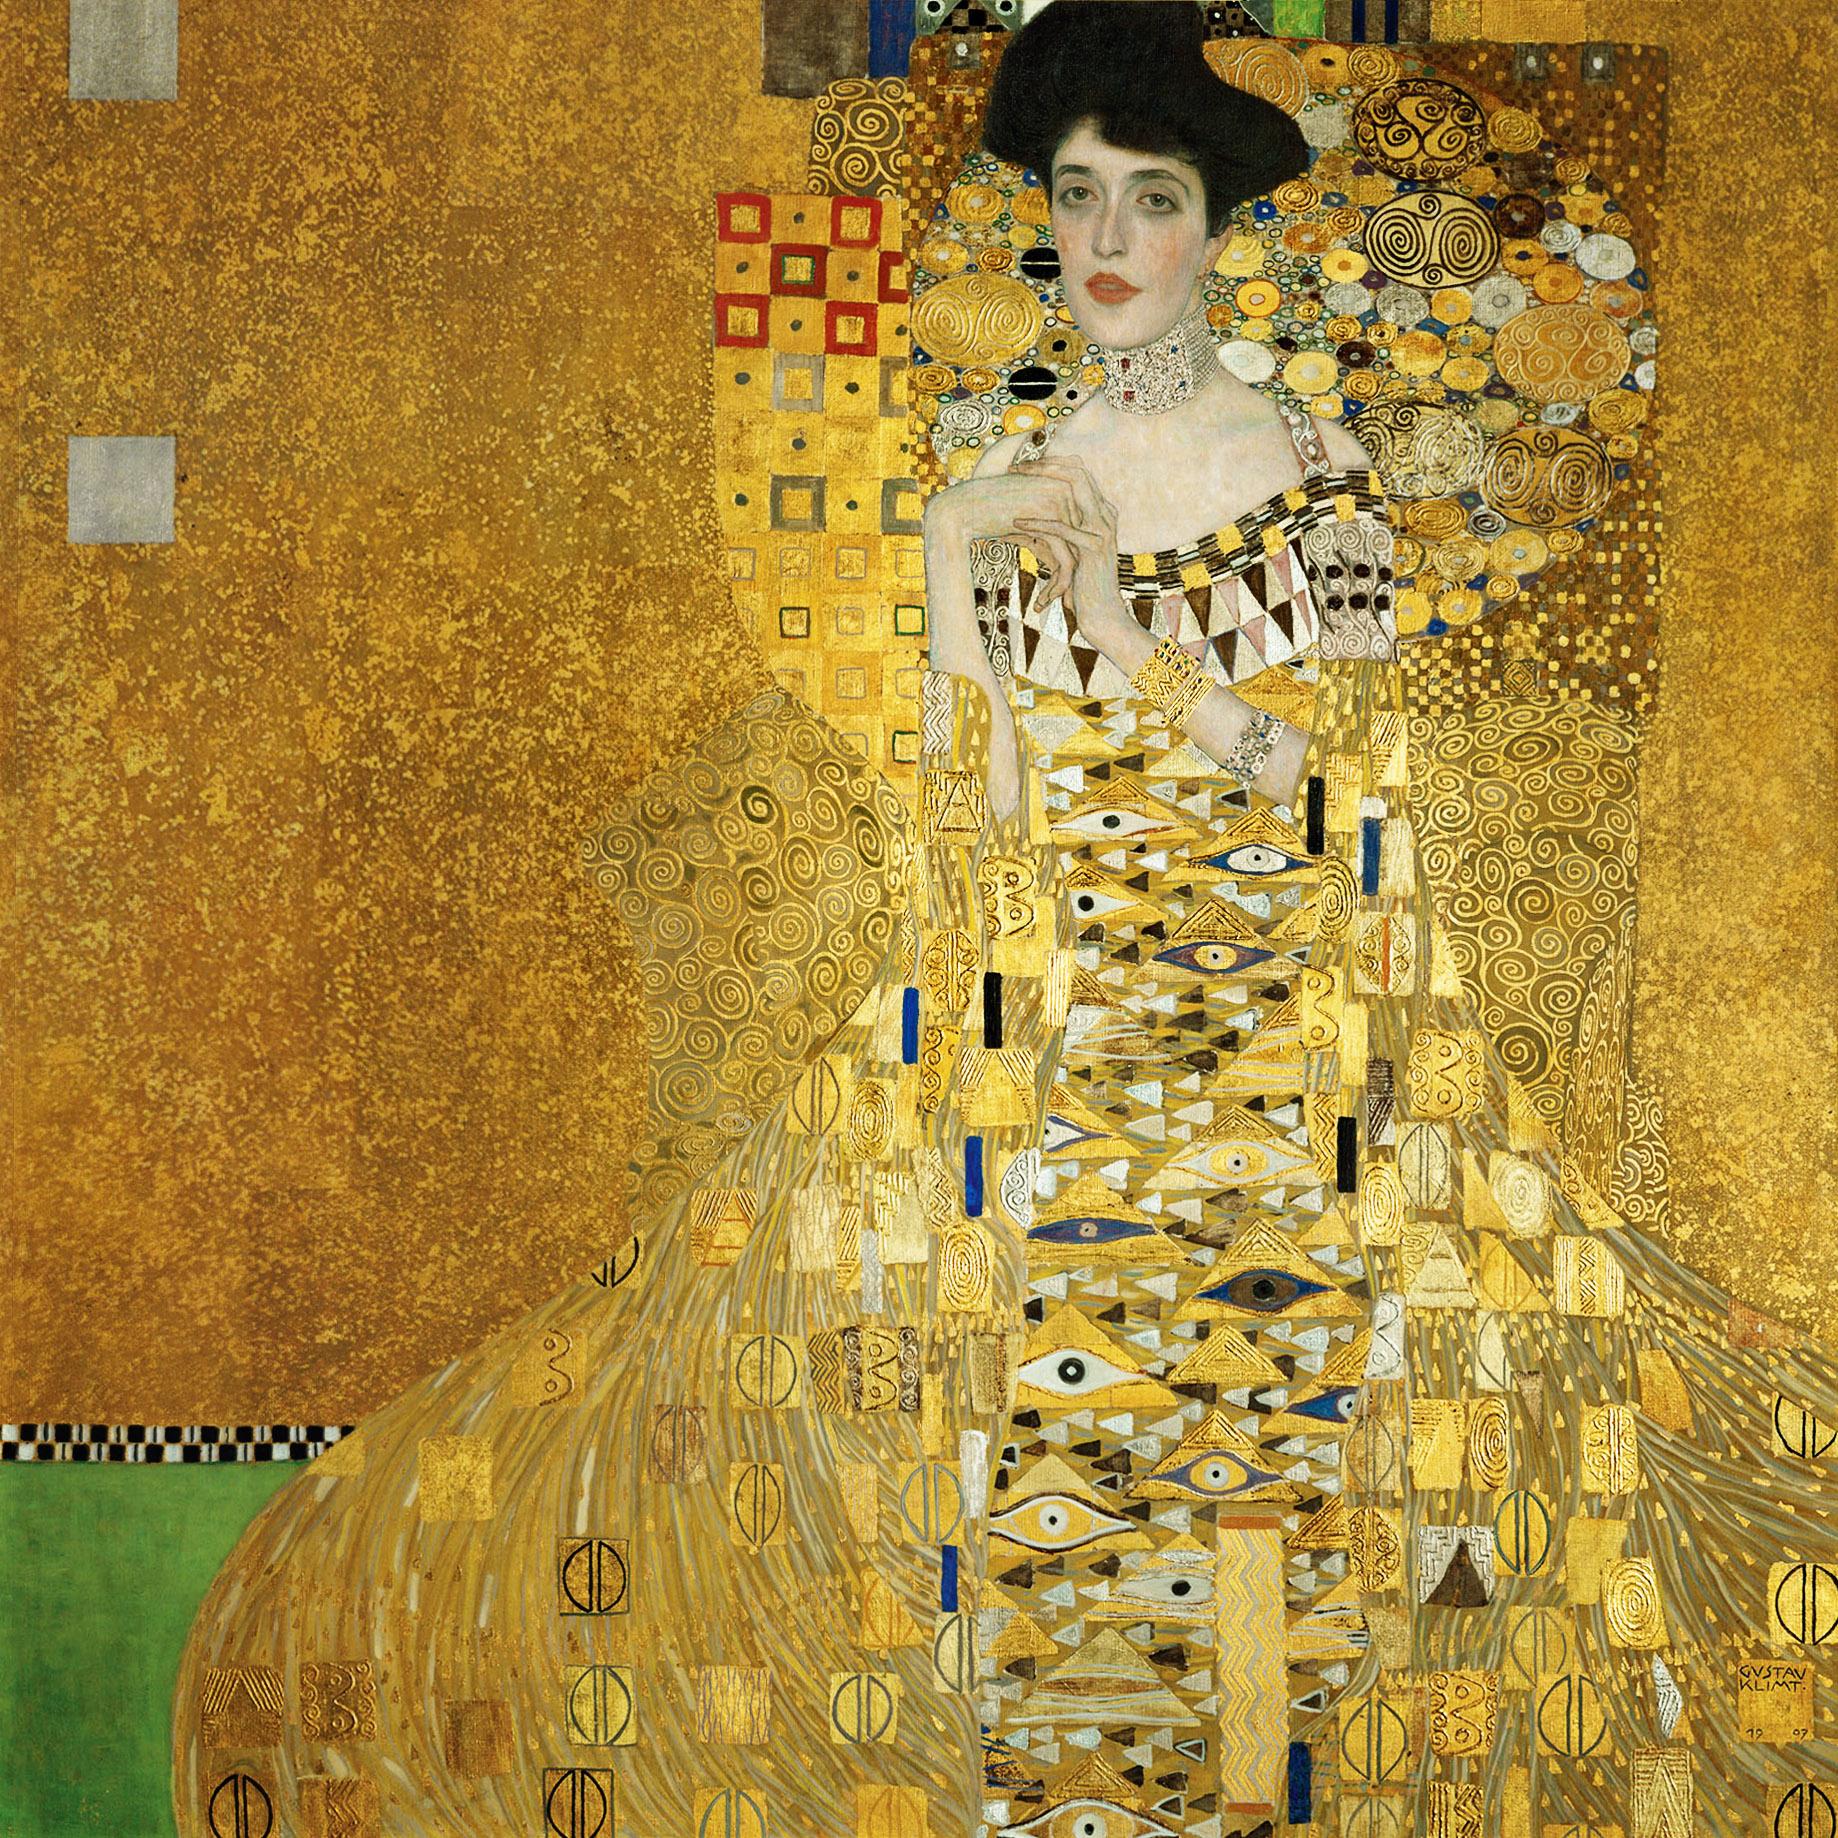 Αποτέλεσμα εικόνας για Portrait of Adele Bloch-Bauer I by Gustav Klimt